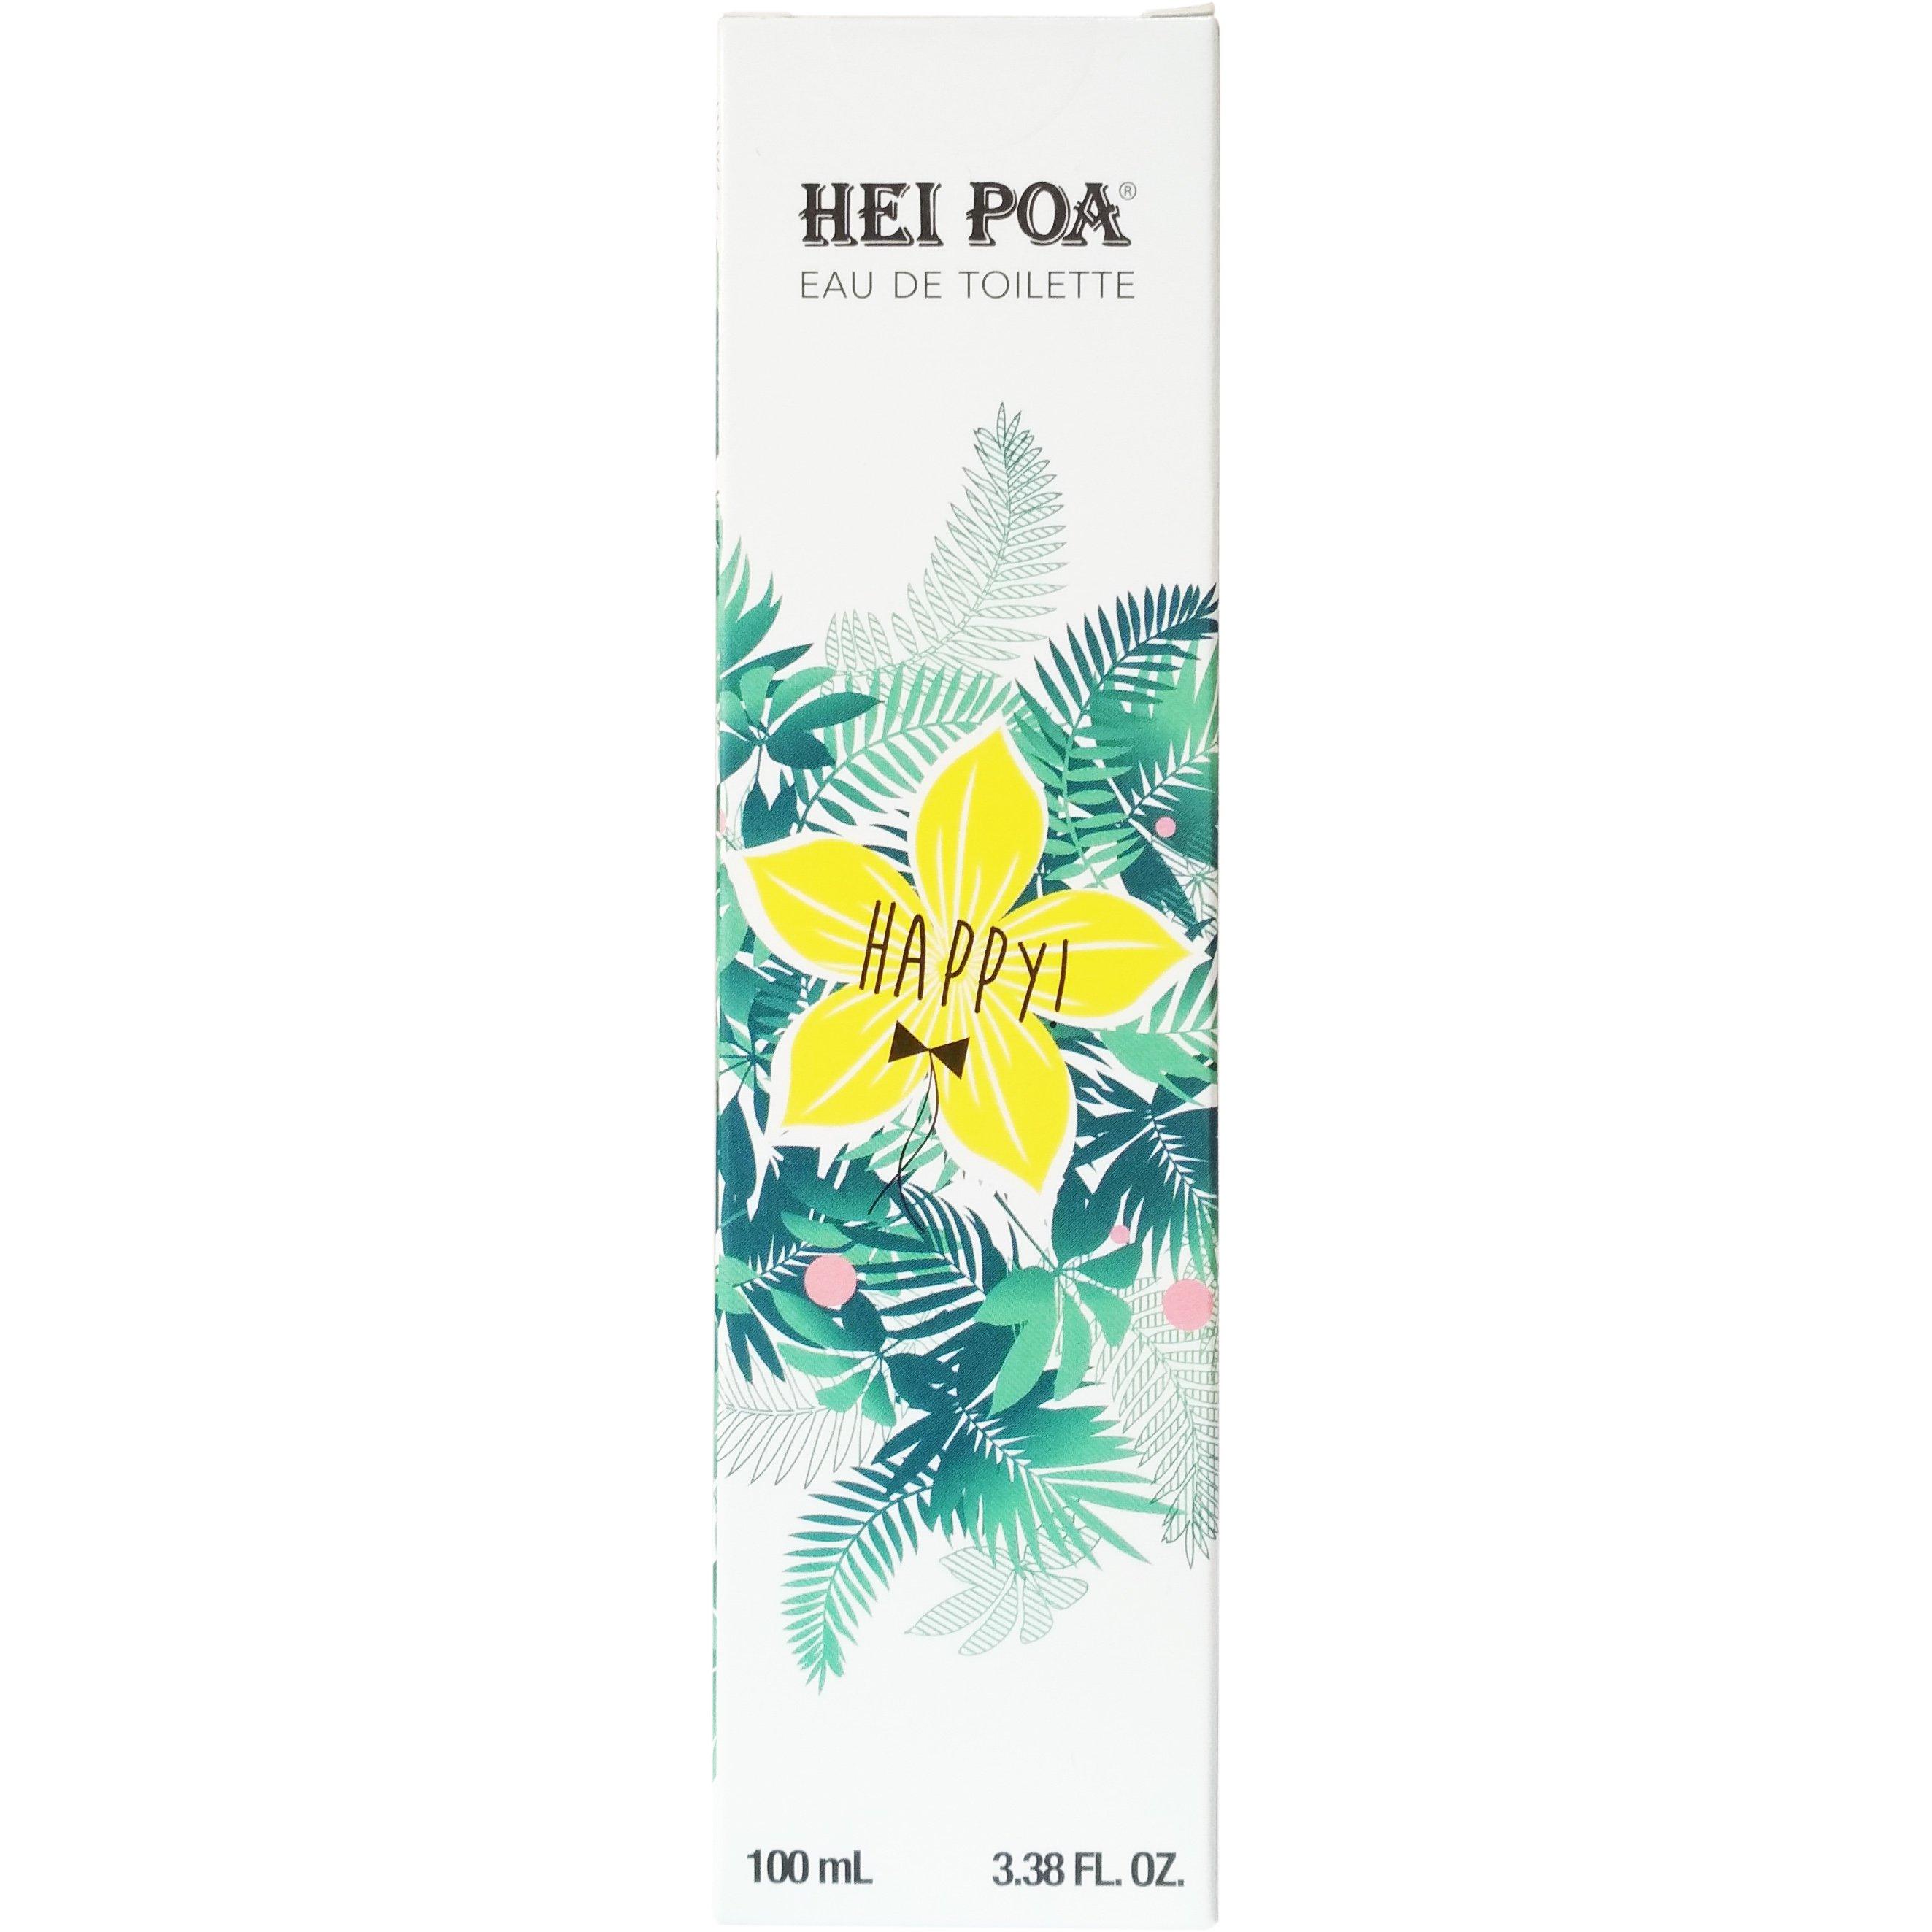 Hei Poa Eau de Toilette Happy Άρωμα με Γλυκές Νότες από Εσπεριδοειδή, Άνθος Tiar ομορφιά   αρώματα   αρώματα για τη γυναίκα